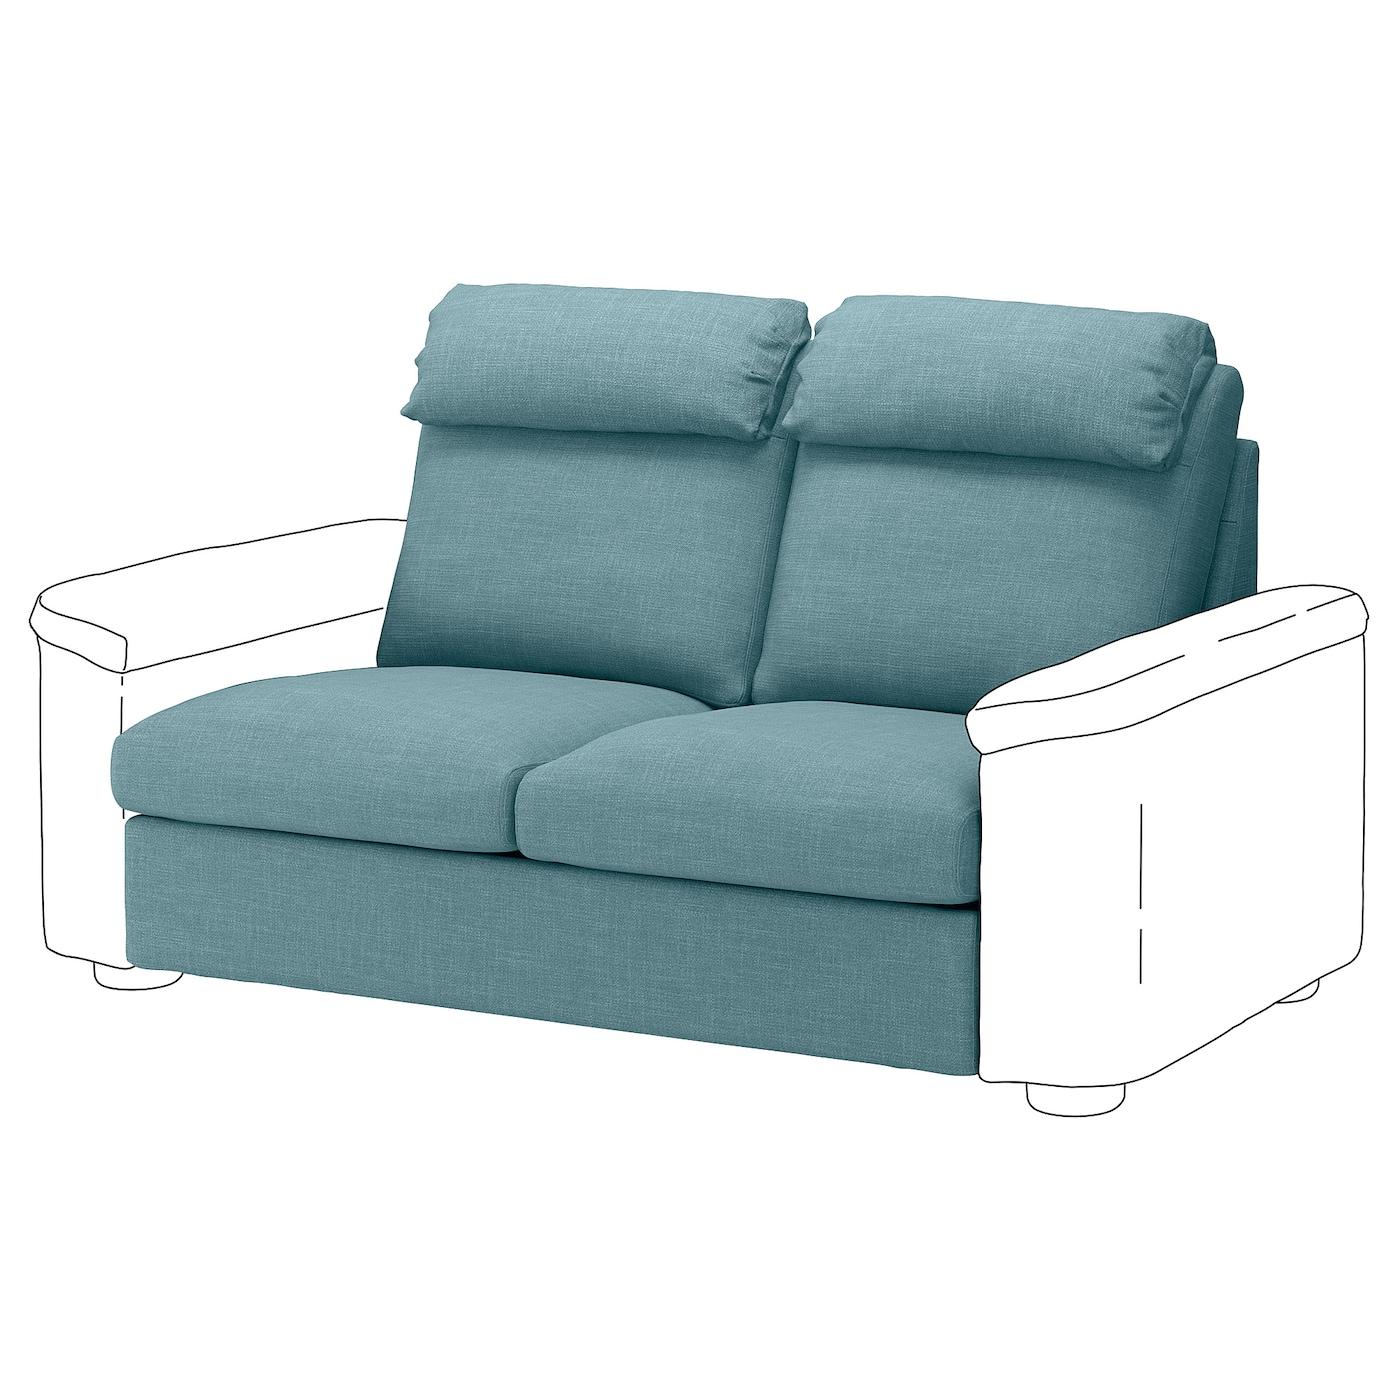 IKEA LIDHULT Sekcja 2-os sofa rozkładana, Gassebol niebieski/szary